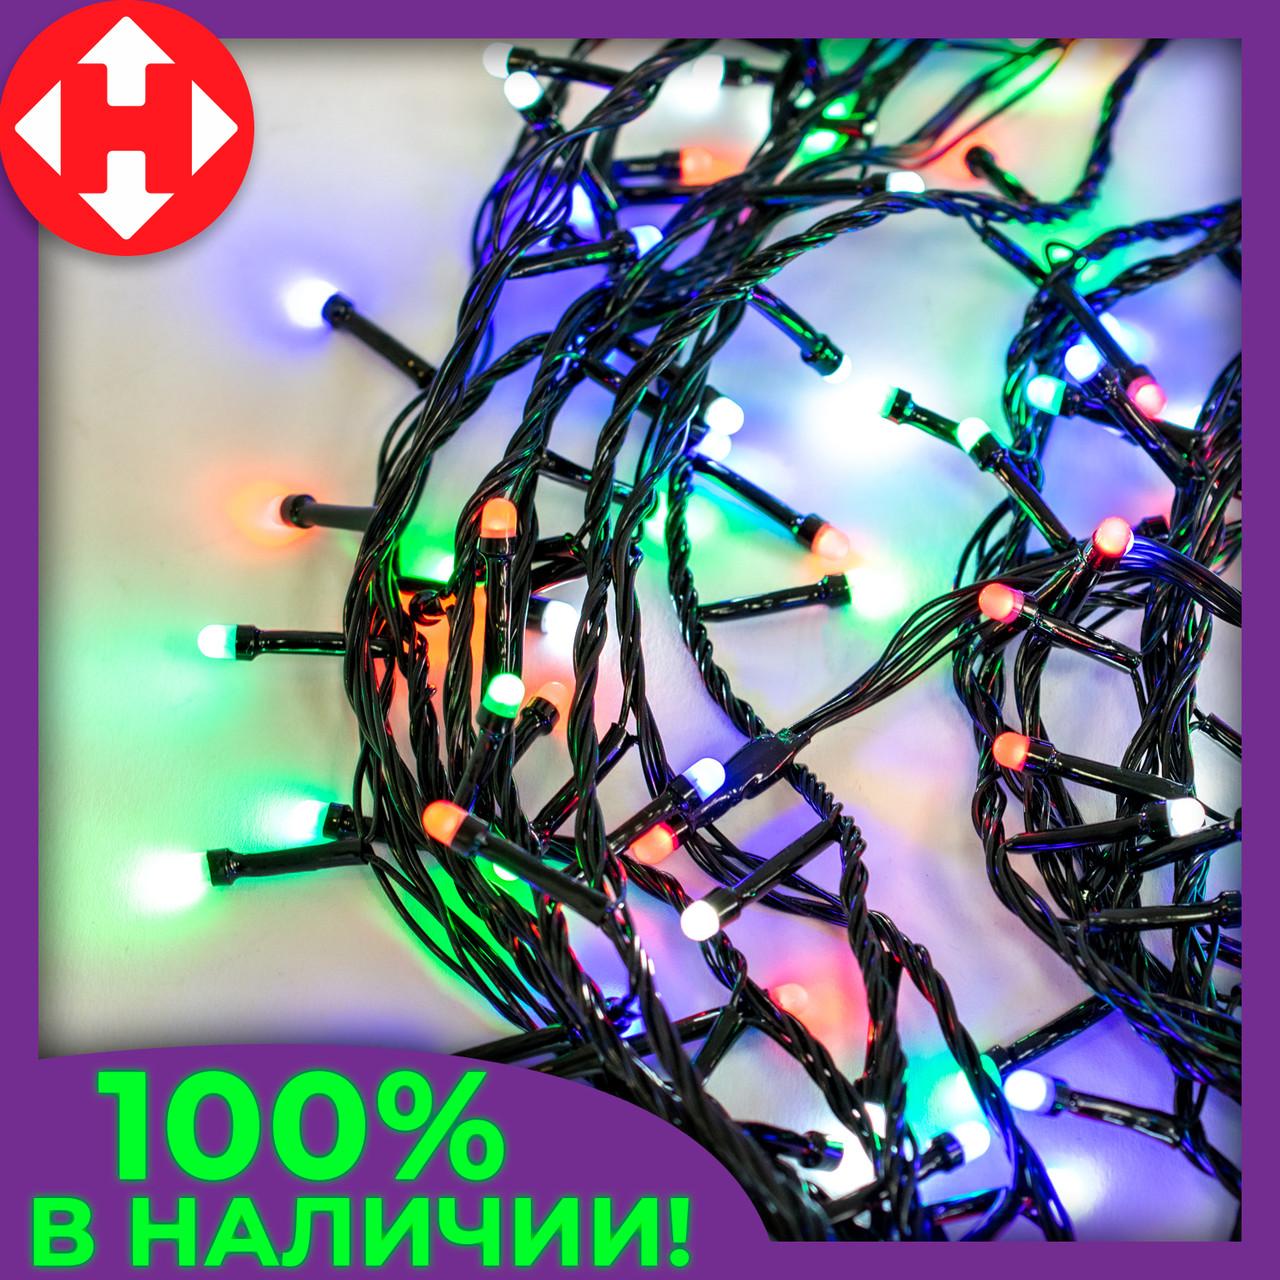 Светодиодная гирлянда Xmas LED 400 M-4 16 метров, новогодняя гирлянда на ёлку (новорічна гірлянда)